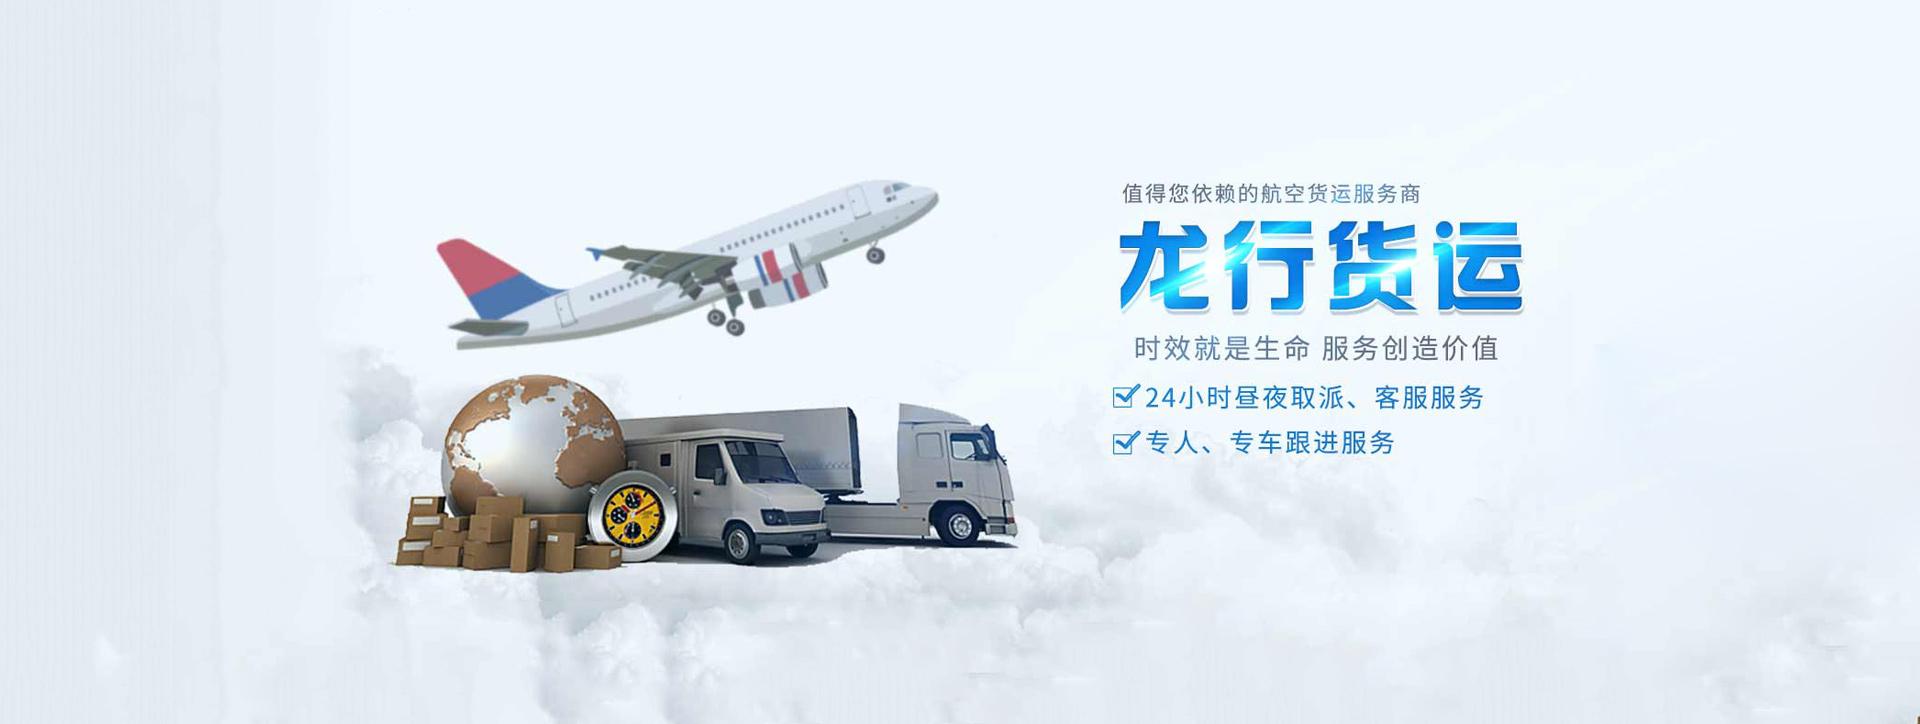 济南航空货运